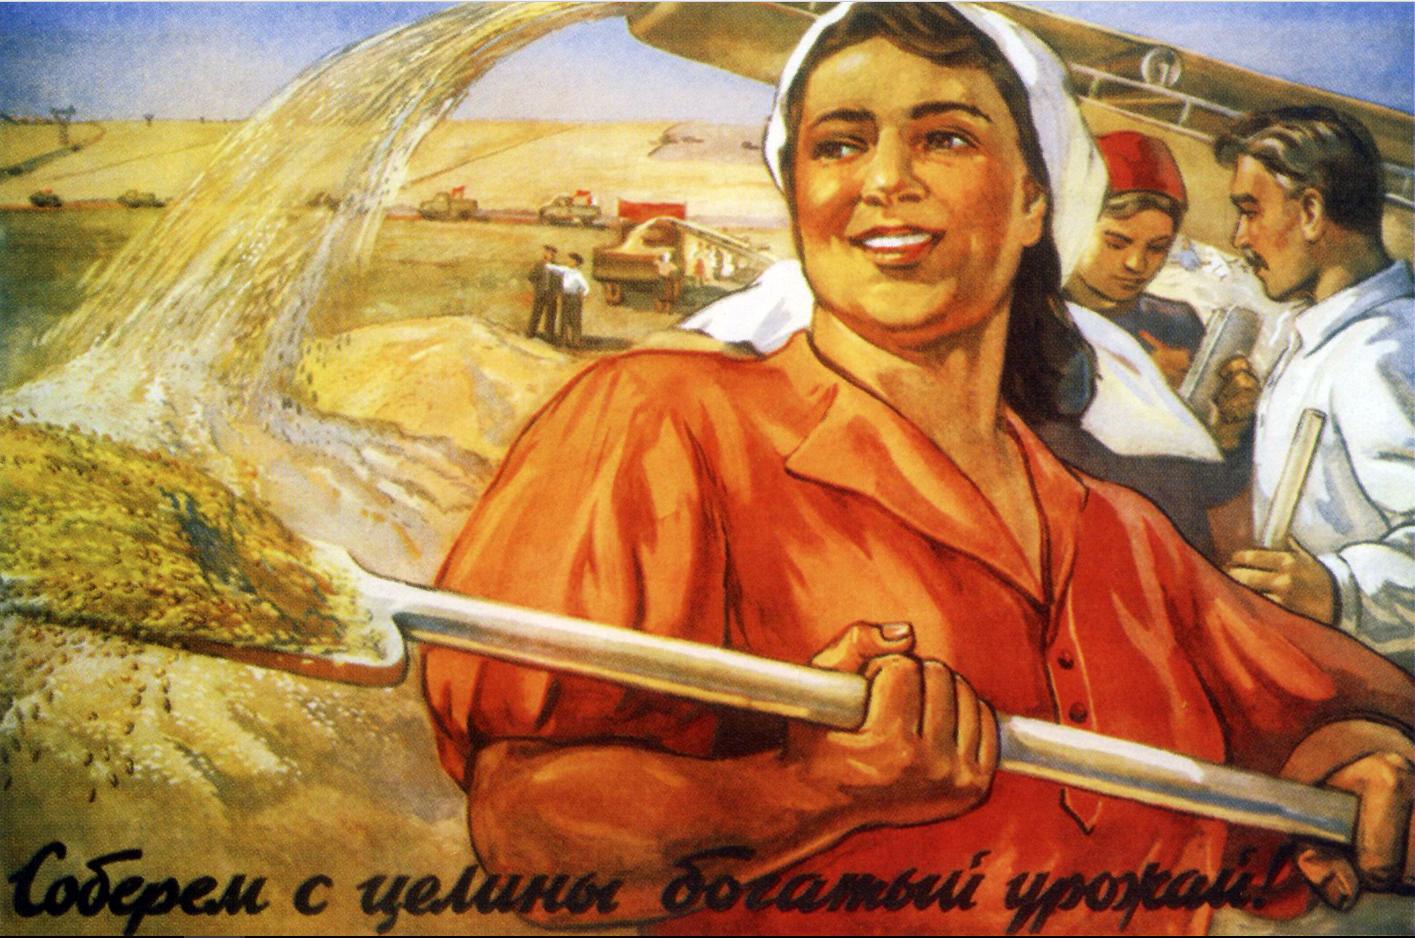 Sovjetski plakat iz leta 1927, ki kliče k razvoju kmetijstva. Avtor je Oleg Mihajlovič Savostjuk.